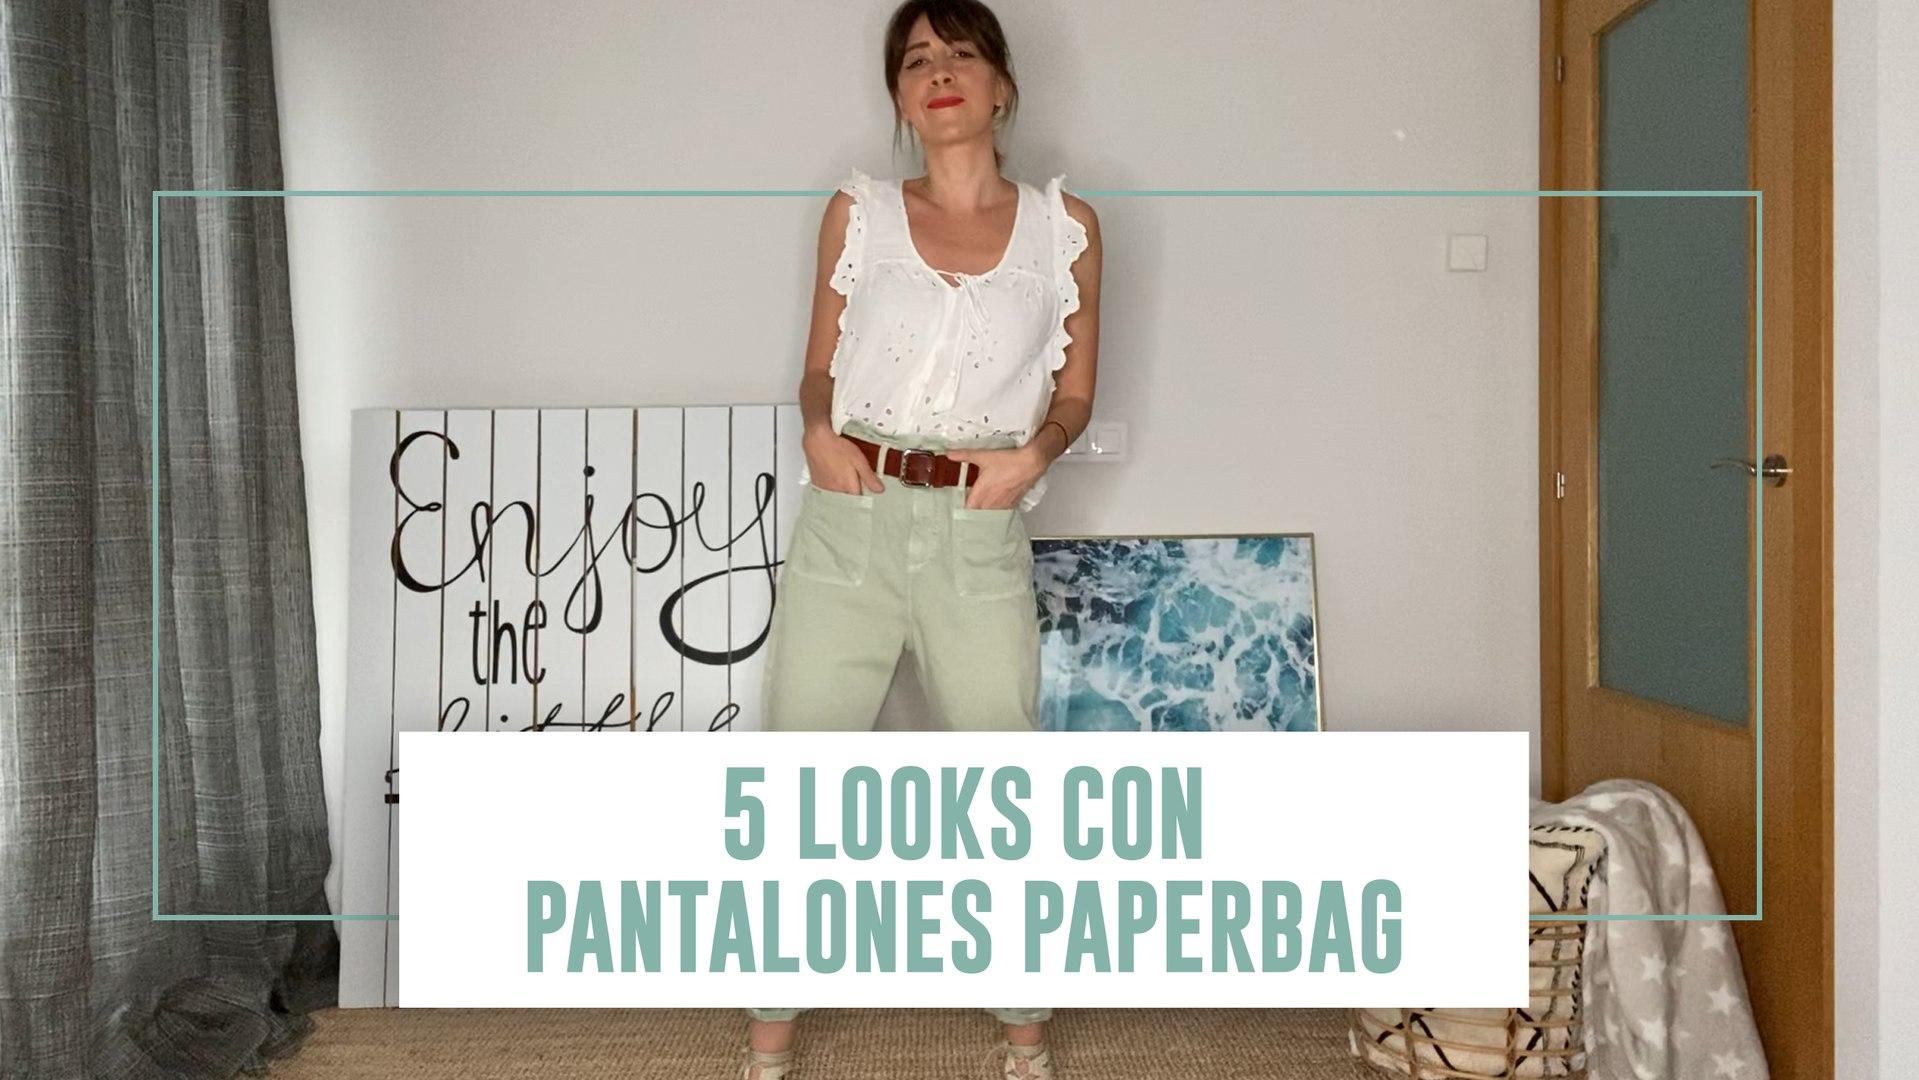 5 Looks Con Los Paper Bag De Zara Los Pantalones De Moda Que Disimulan Barriga Video Dailymotion